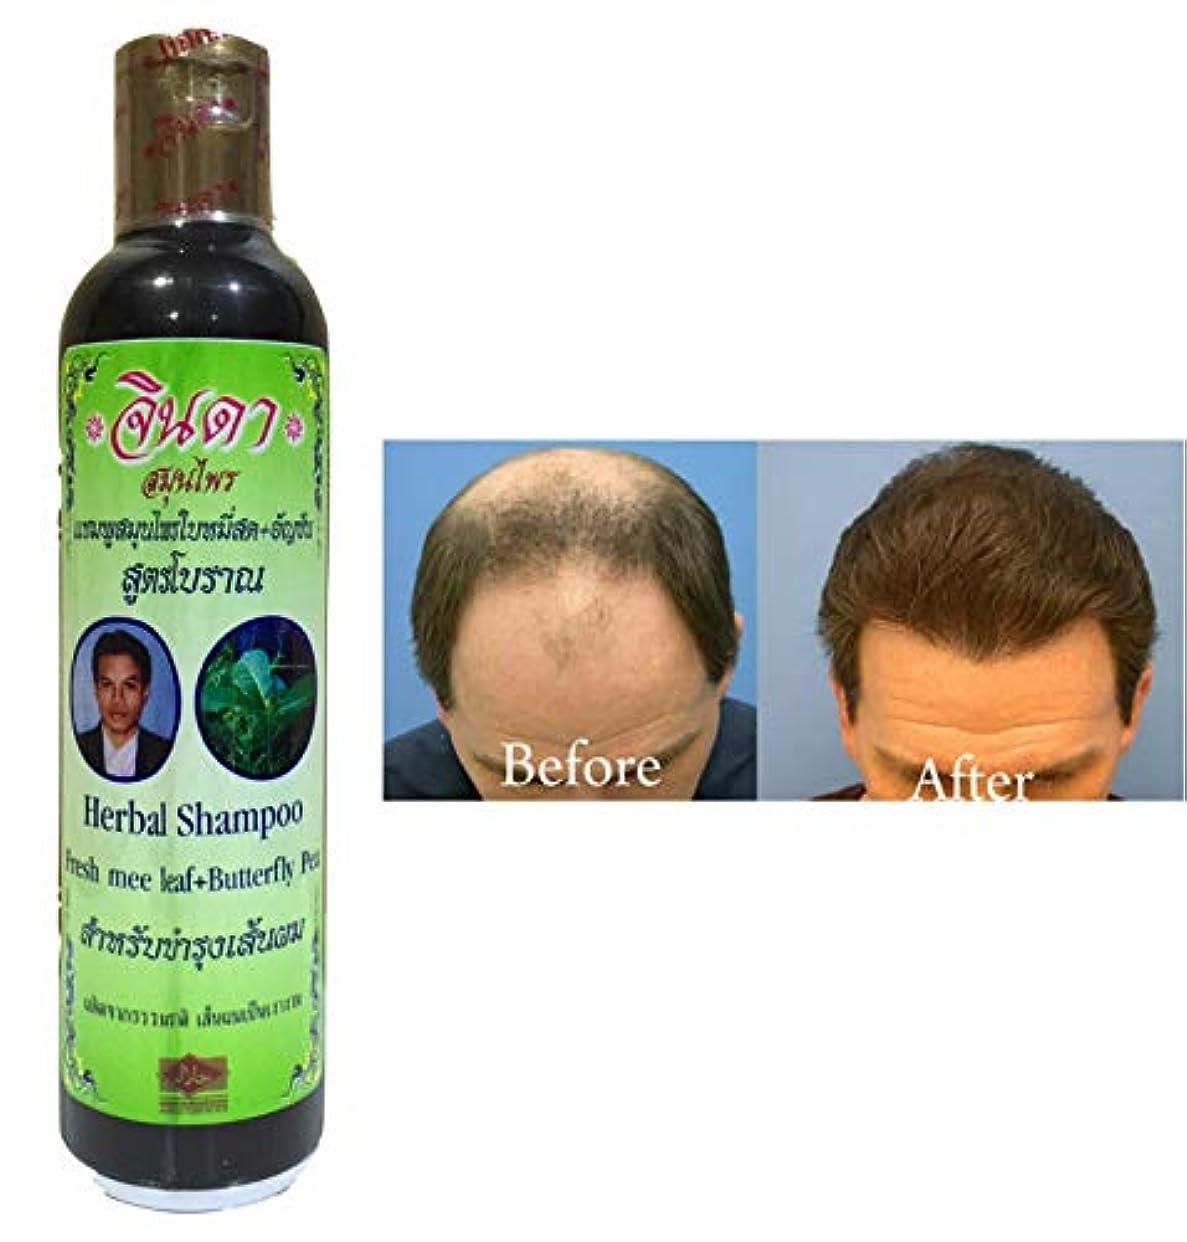 クラッシュ削除する影響力のあるNEW CHOICE: Jinda Herbal shampoo anti hair fall for men 250 ml.(fresh mee leaf+butterfly pea) Good products in...